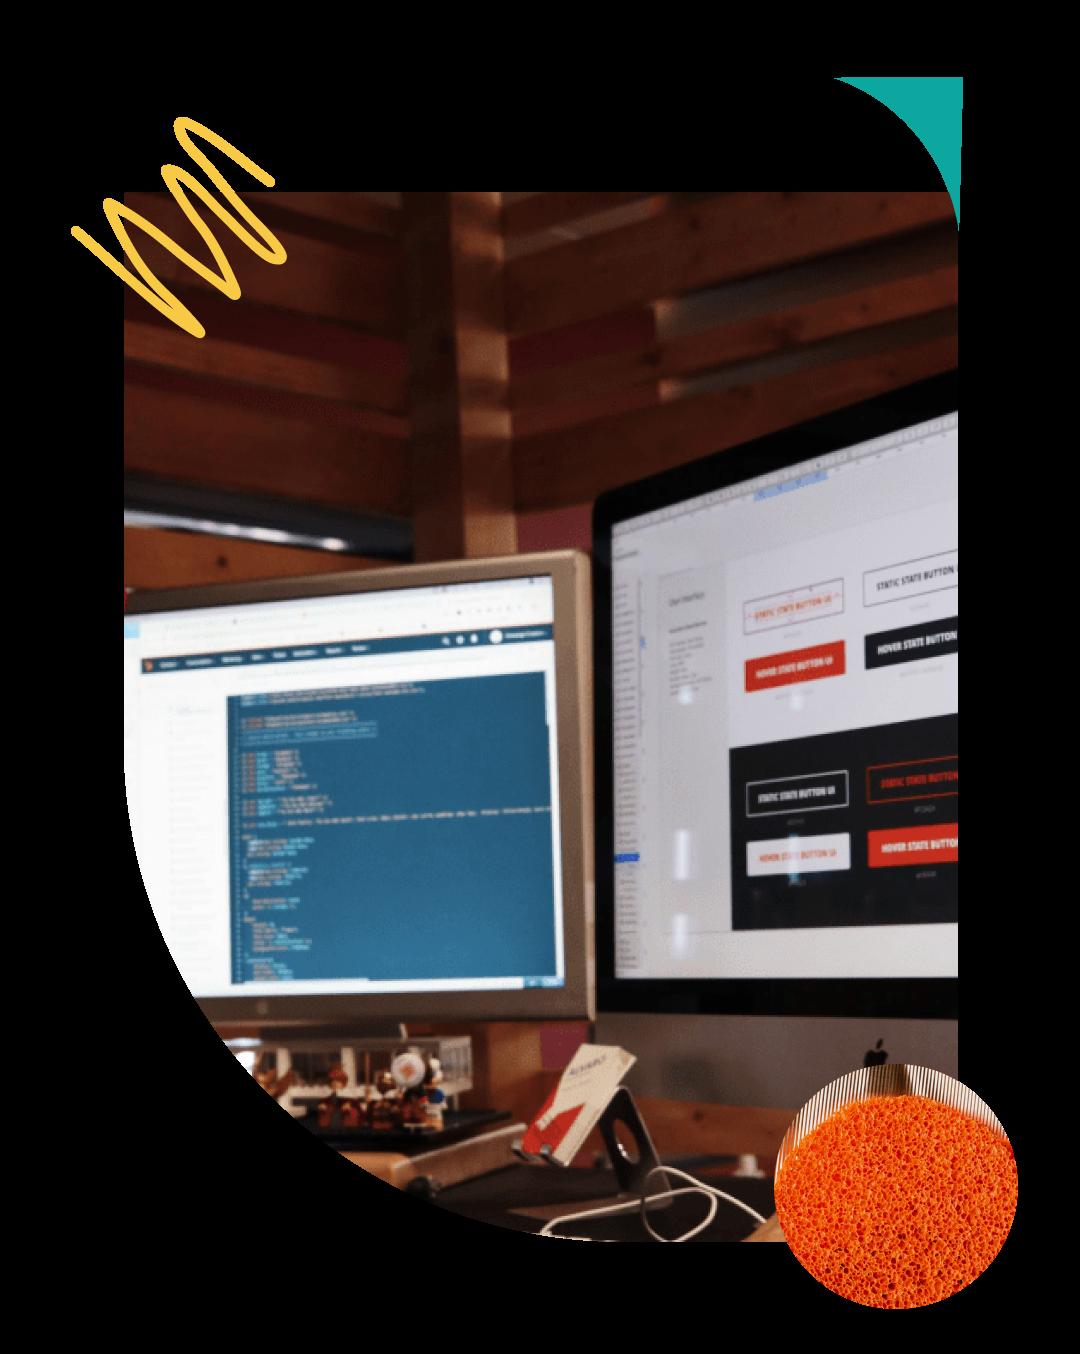 web Designer at desk